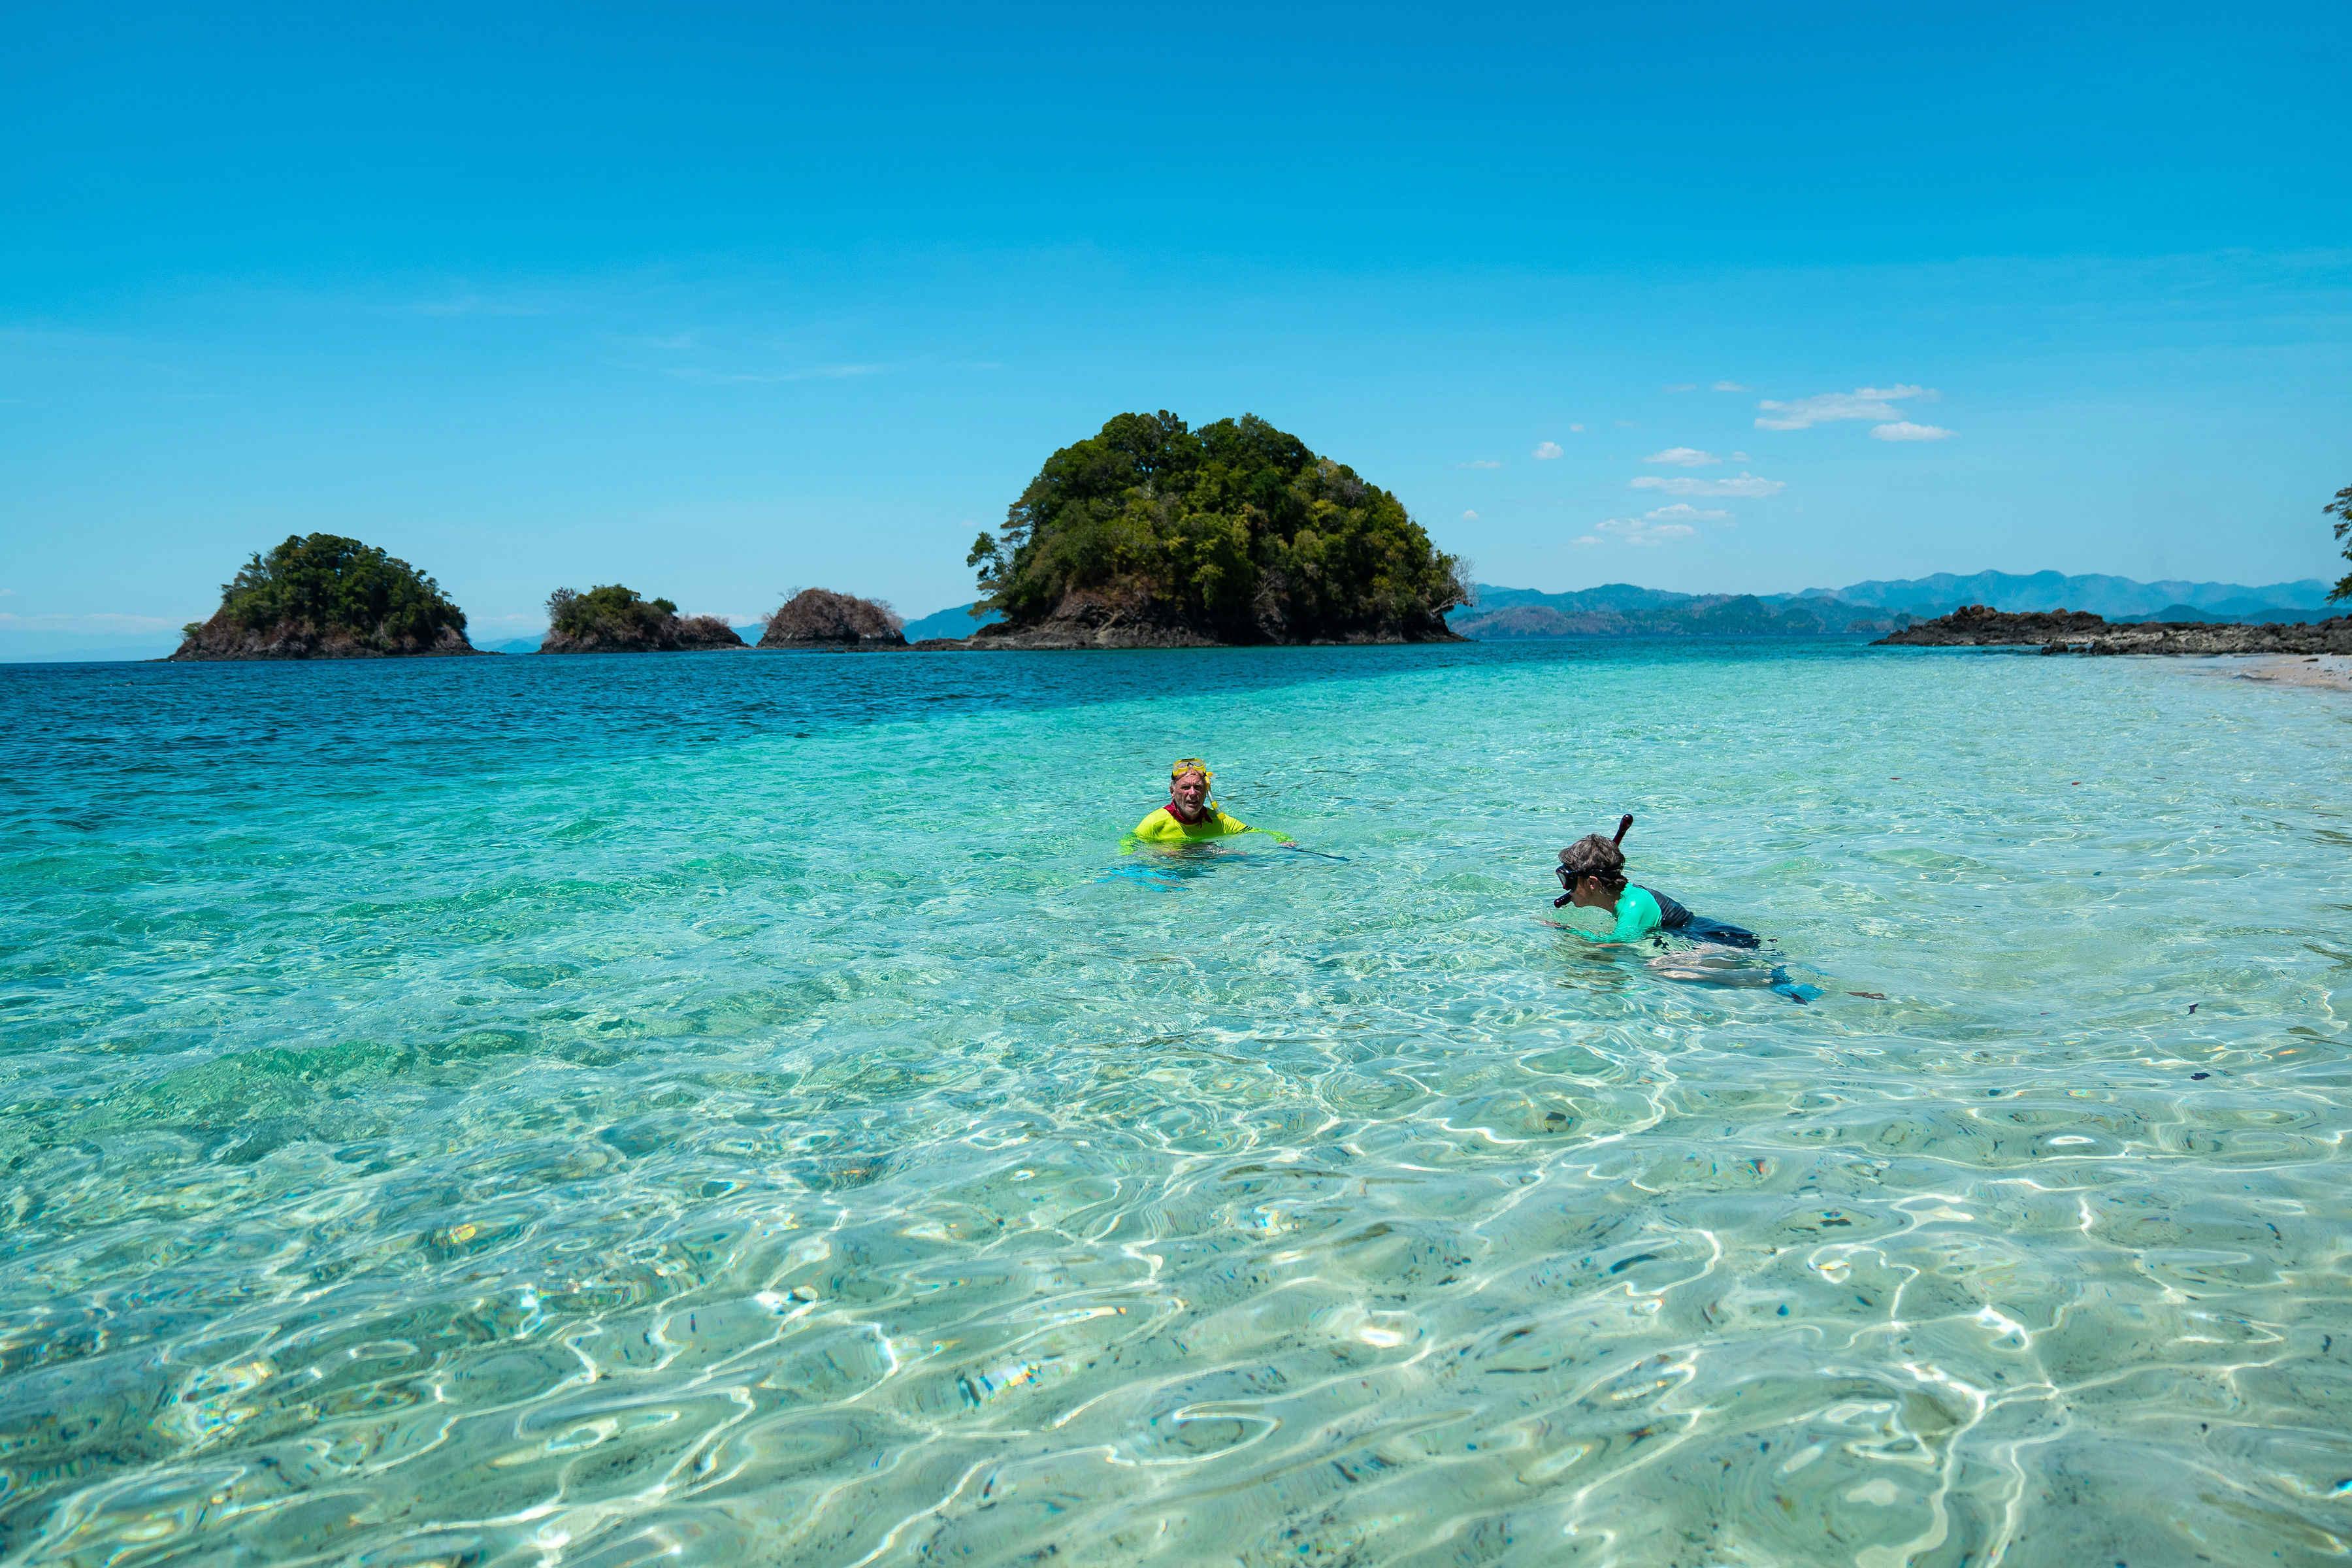 Plano playa y snorkel de dos personas